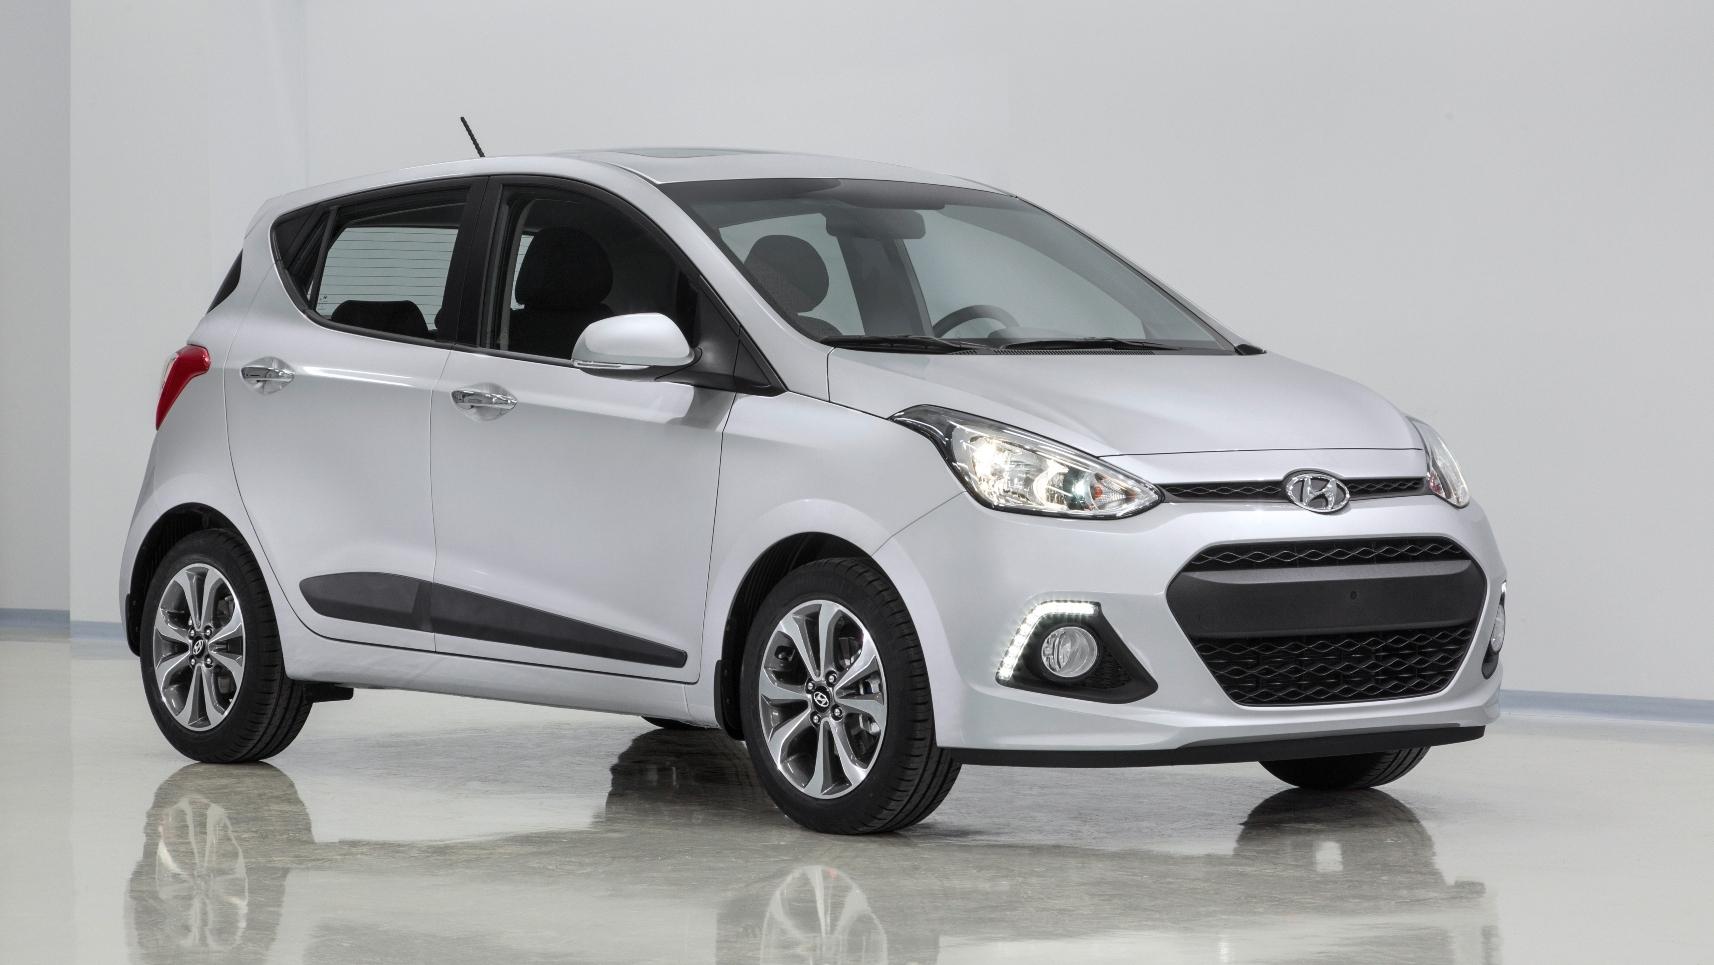 Yeni Hyundai i10 2014 1 - ÖTV hariç 20000 - 25000 TL arasında sıfır araç bulabilir miyim?